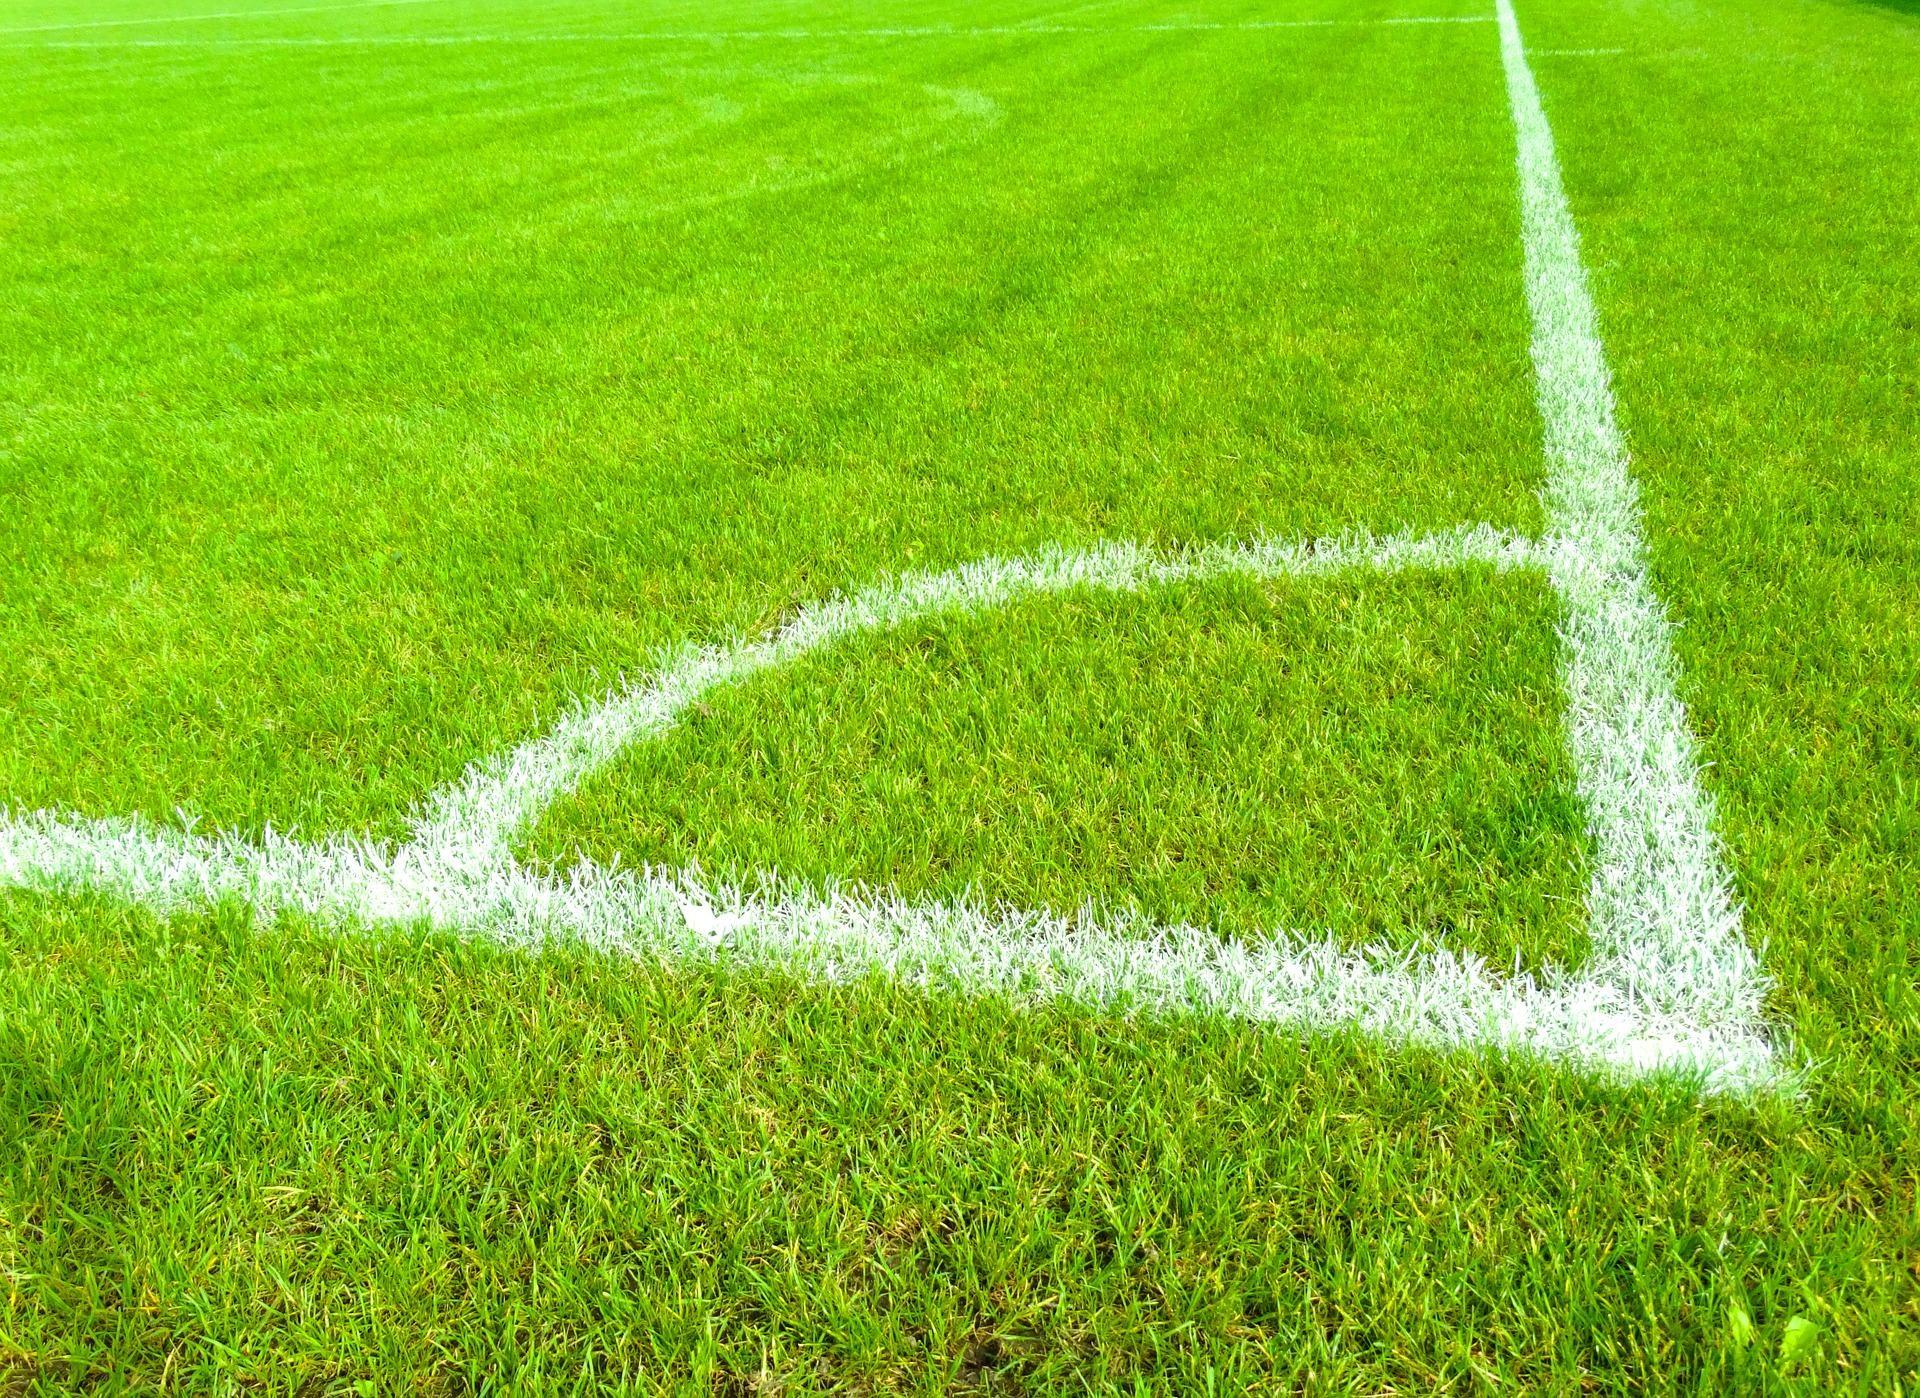 Rund um den Fußball – słownictwo związane z piłką nożną, część 2